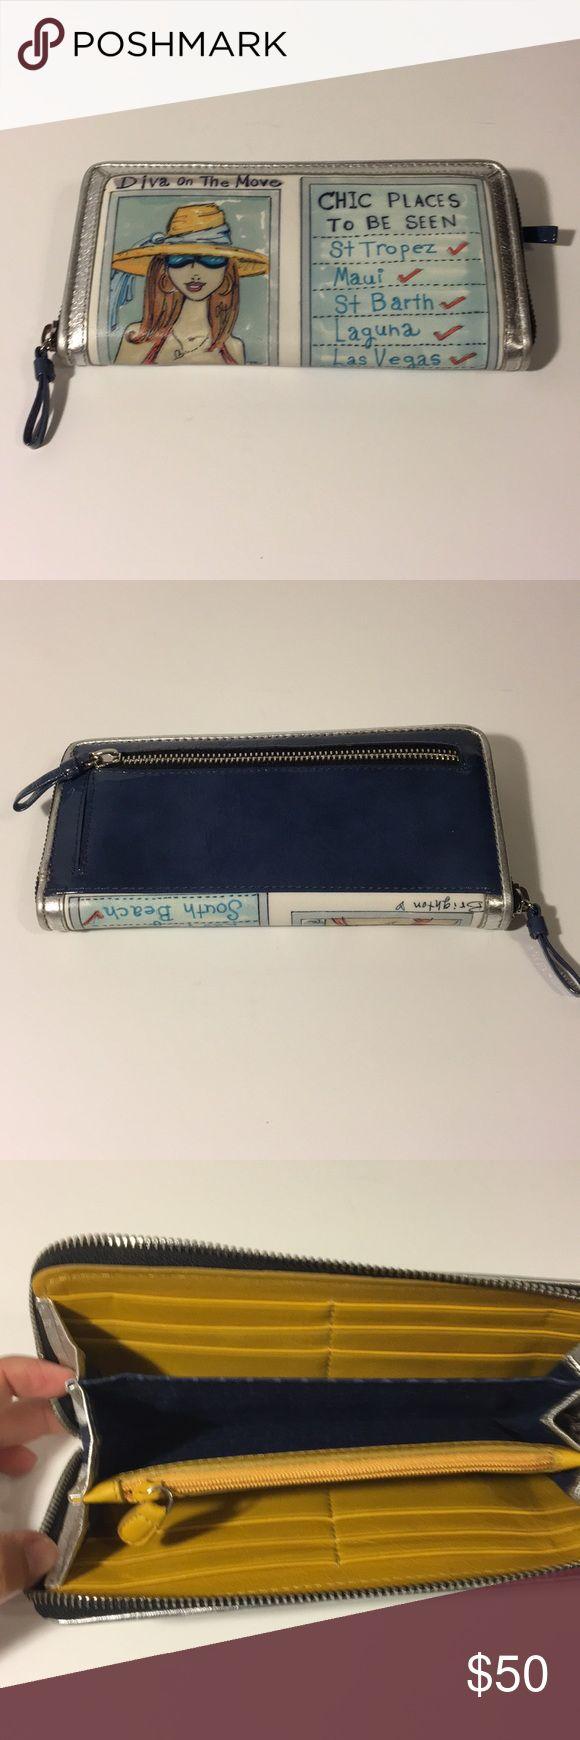 NWTO BRIGHTON WALLET Excellent condition cute Brighton leather wallet. Brighton Bags Wallets